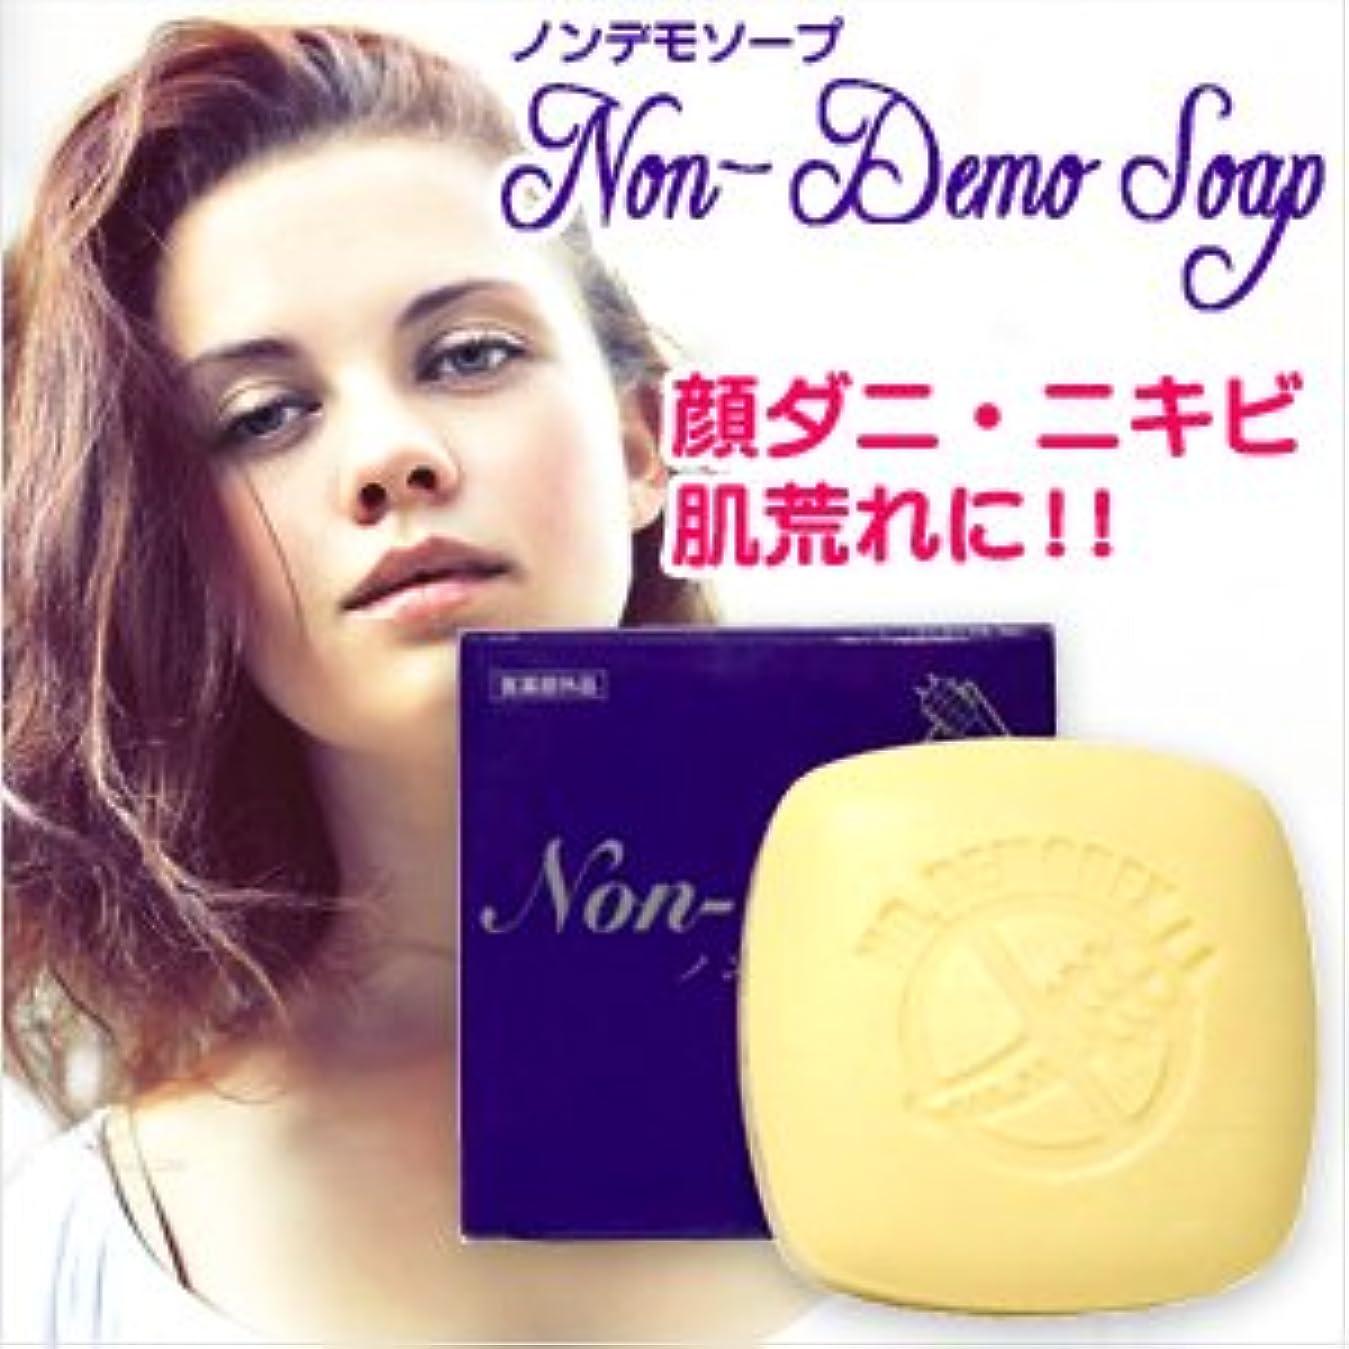 わざわざ結婚する事(医薬部外品) 顔ダニ石鹸 ノンデモソープ (Non-Demo Soap) 130g